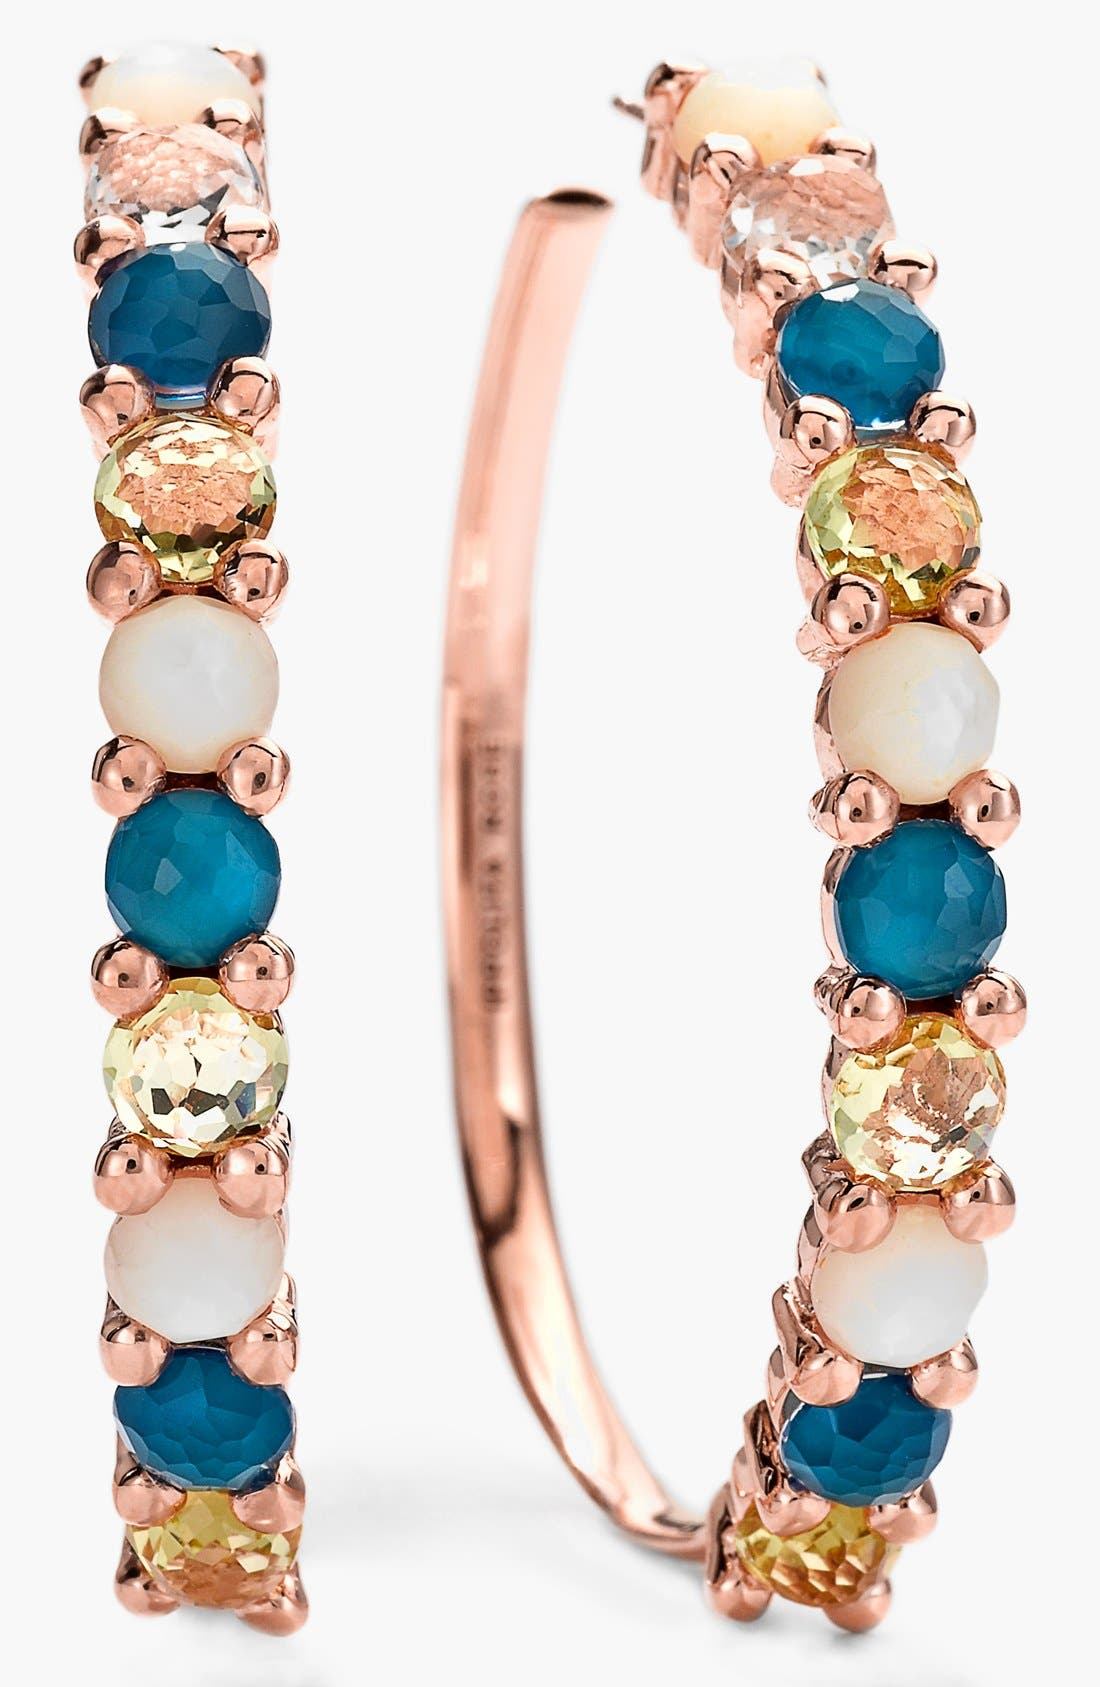 Alternate Image 1 Selected - Ippolita 'Wonderland' Rosé Hoop Earrings